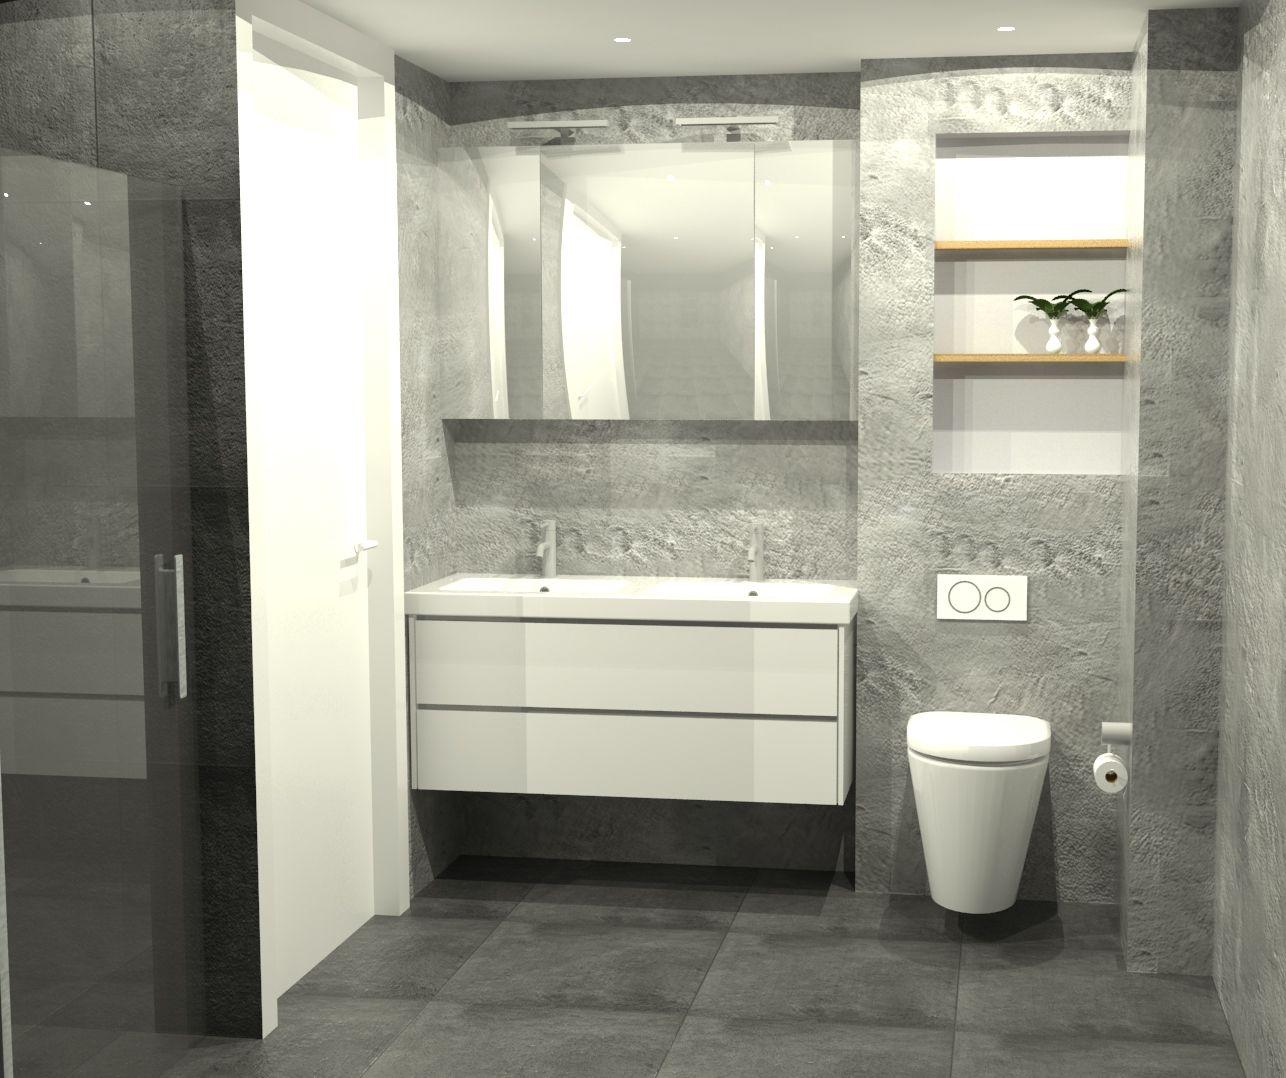 badkamer 3d impressie behoud de vrijheid van leverancier door een 3d ontwerp te laten maken